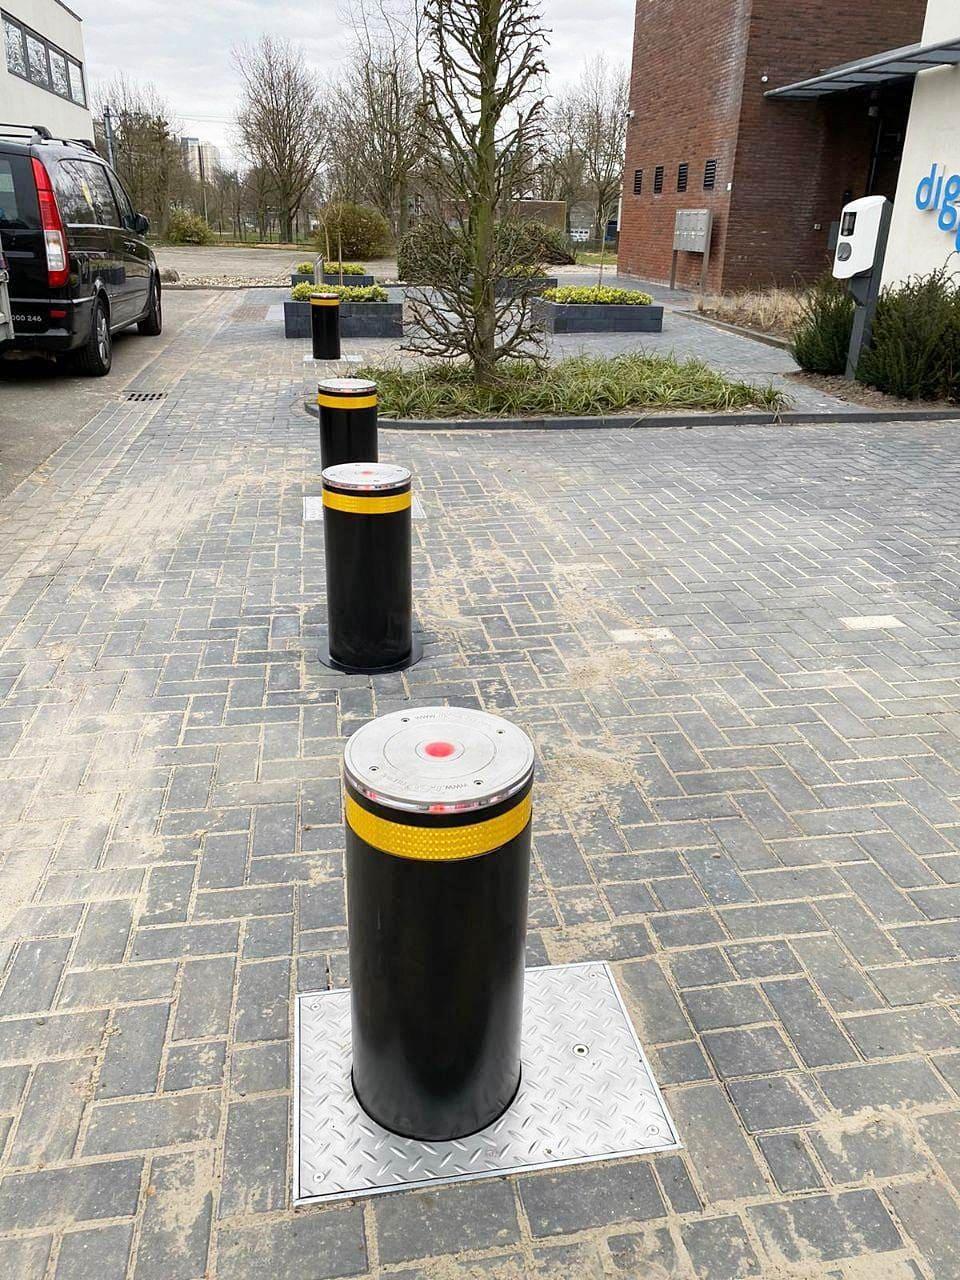 Verkehrsautomatische Poller RB349-12, Niederlande